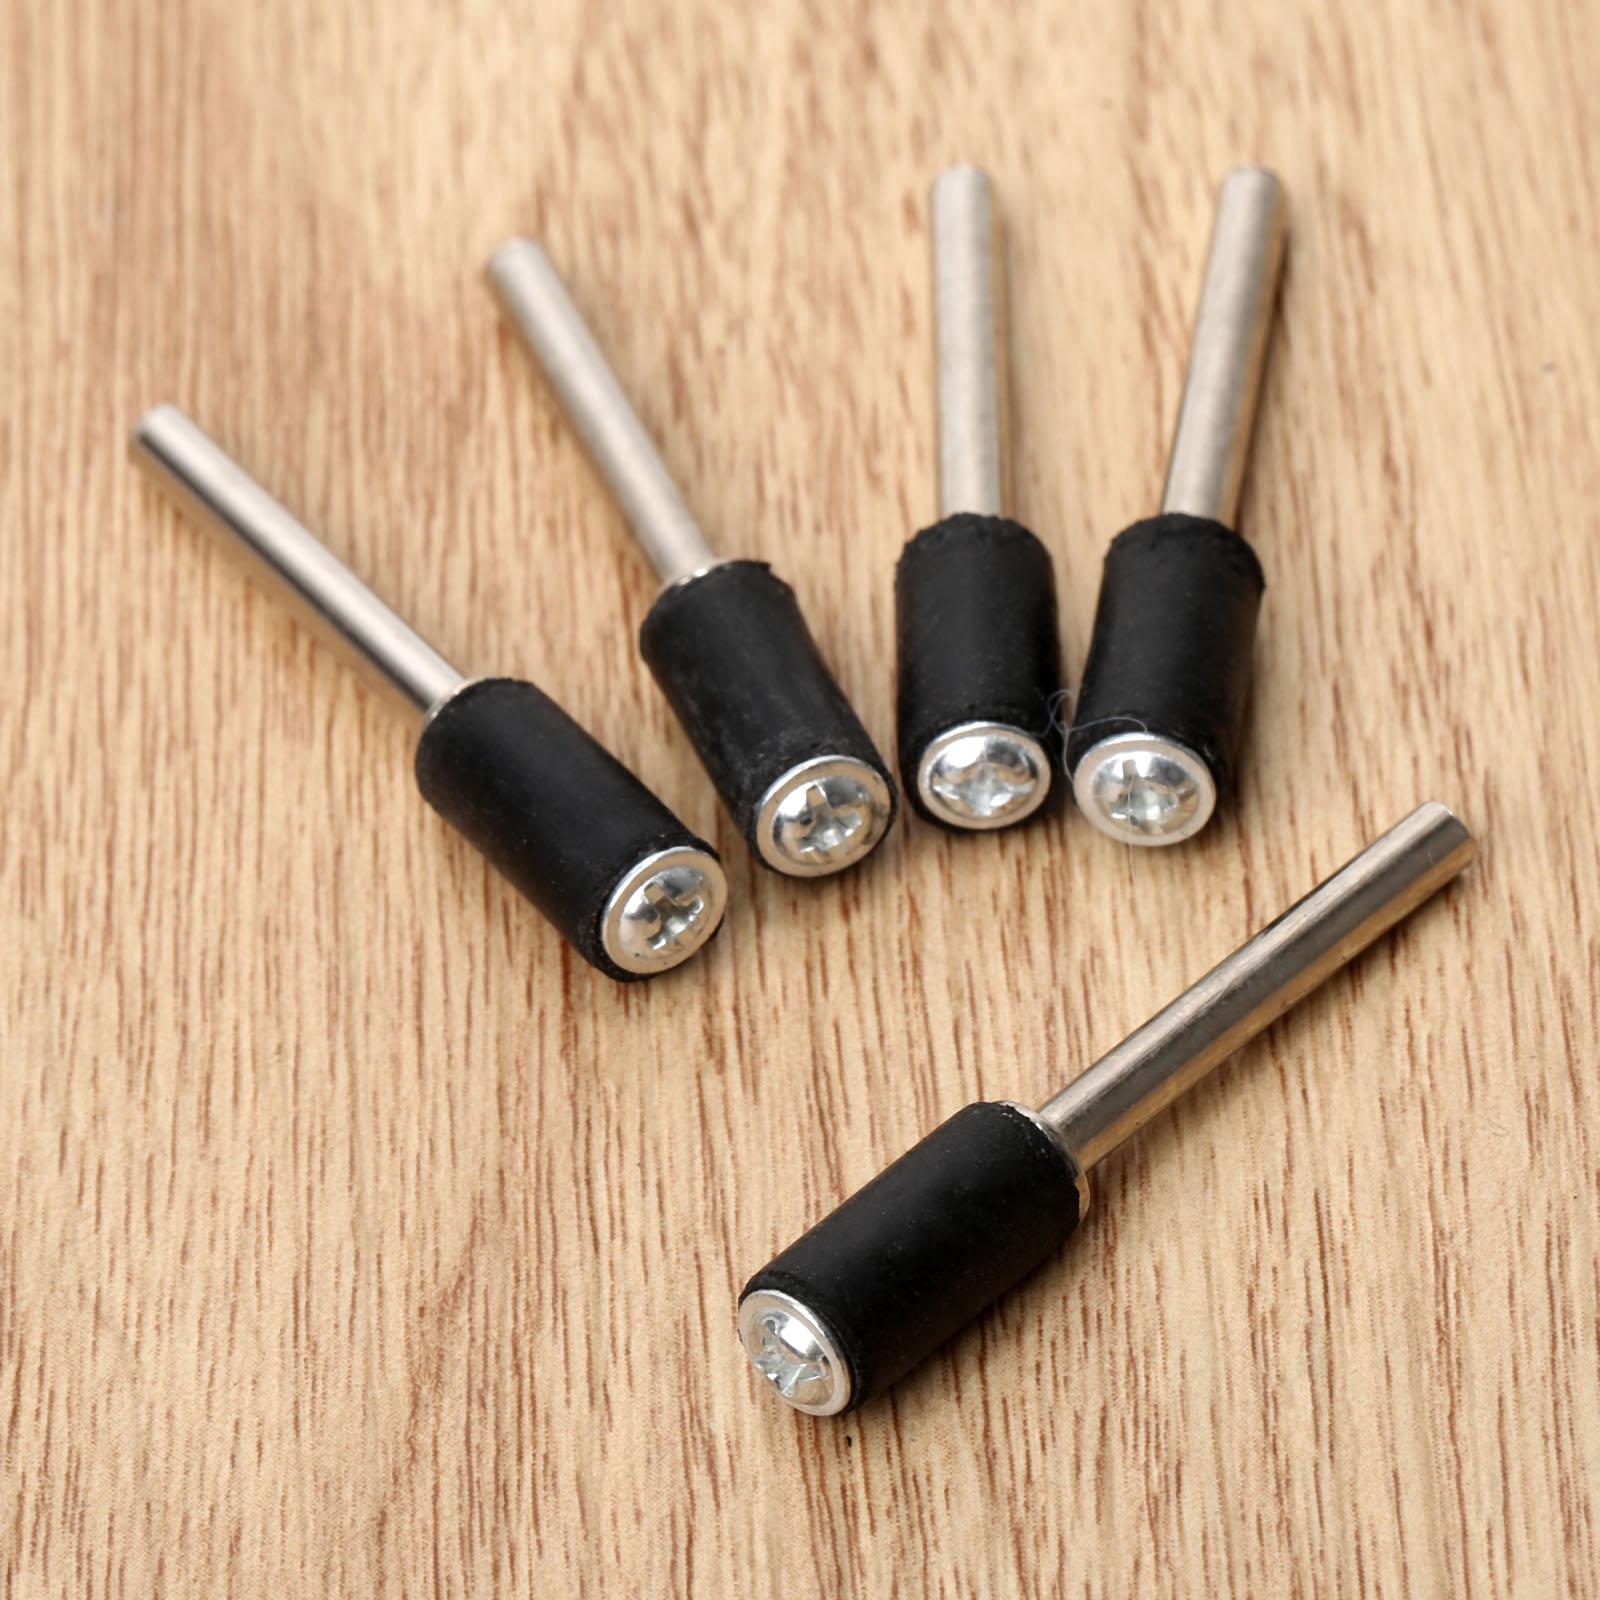 10Pc Accessori Dremel Mandrino in gomma tamburo 6,35 mm Asta da 2,35 - Utensili abrasivi - Fotografia 3